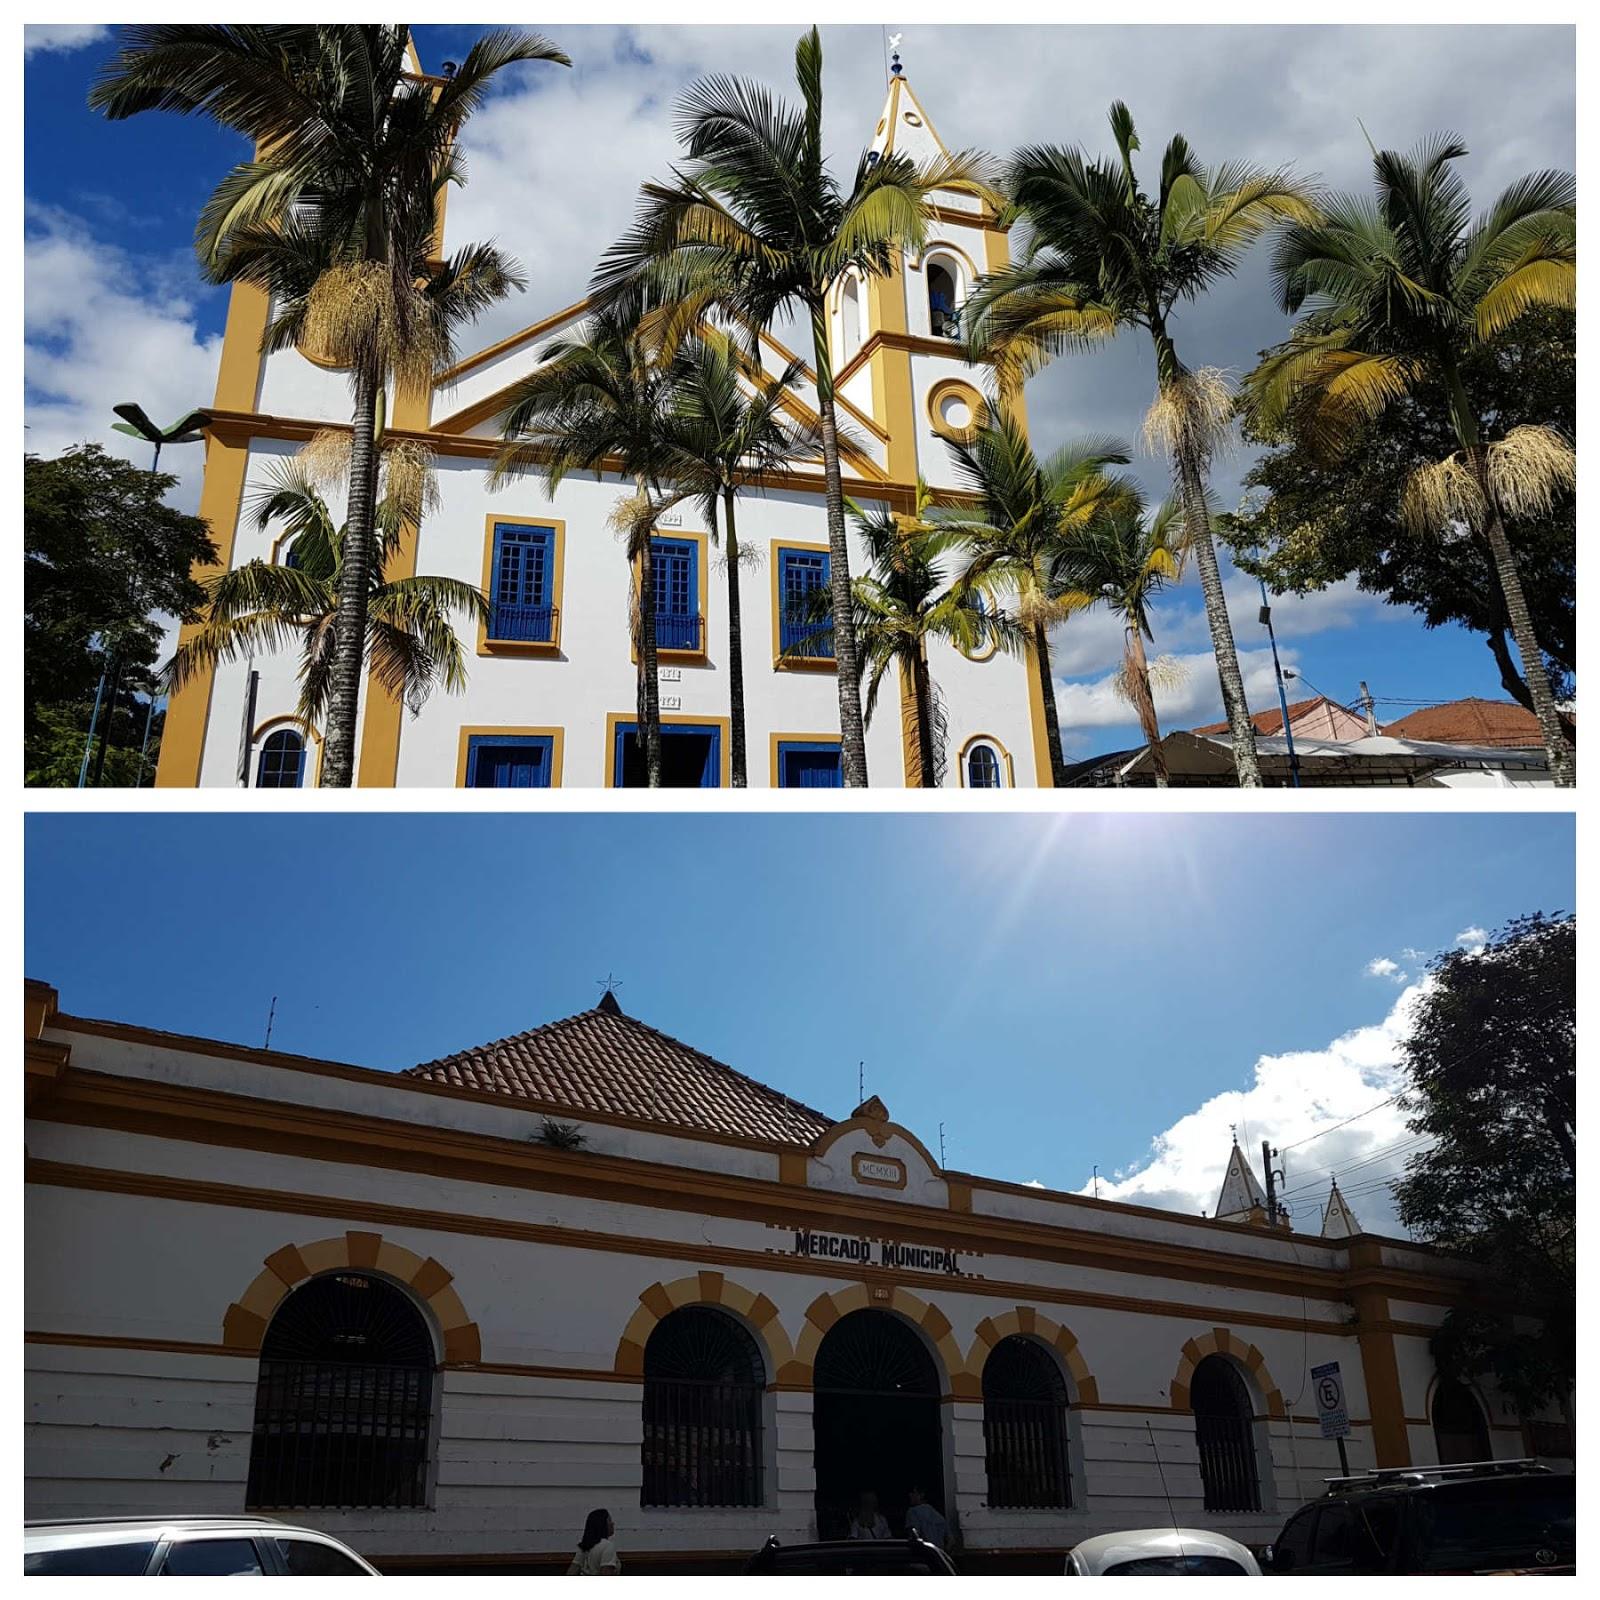 Centro histórico de Cunha, São Paulo.